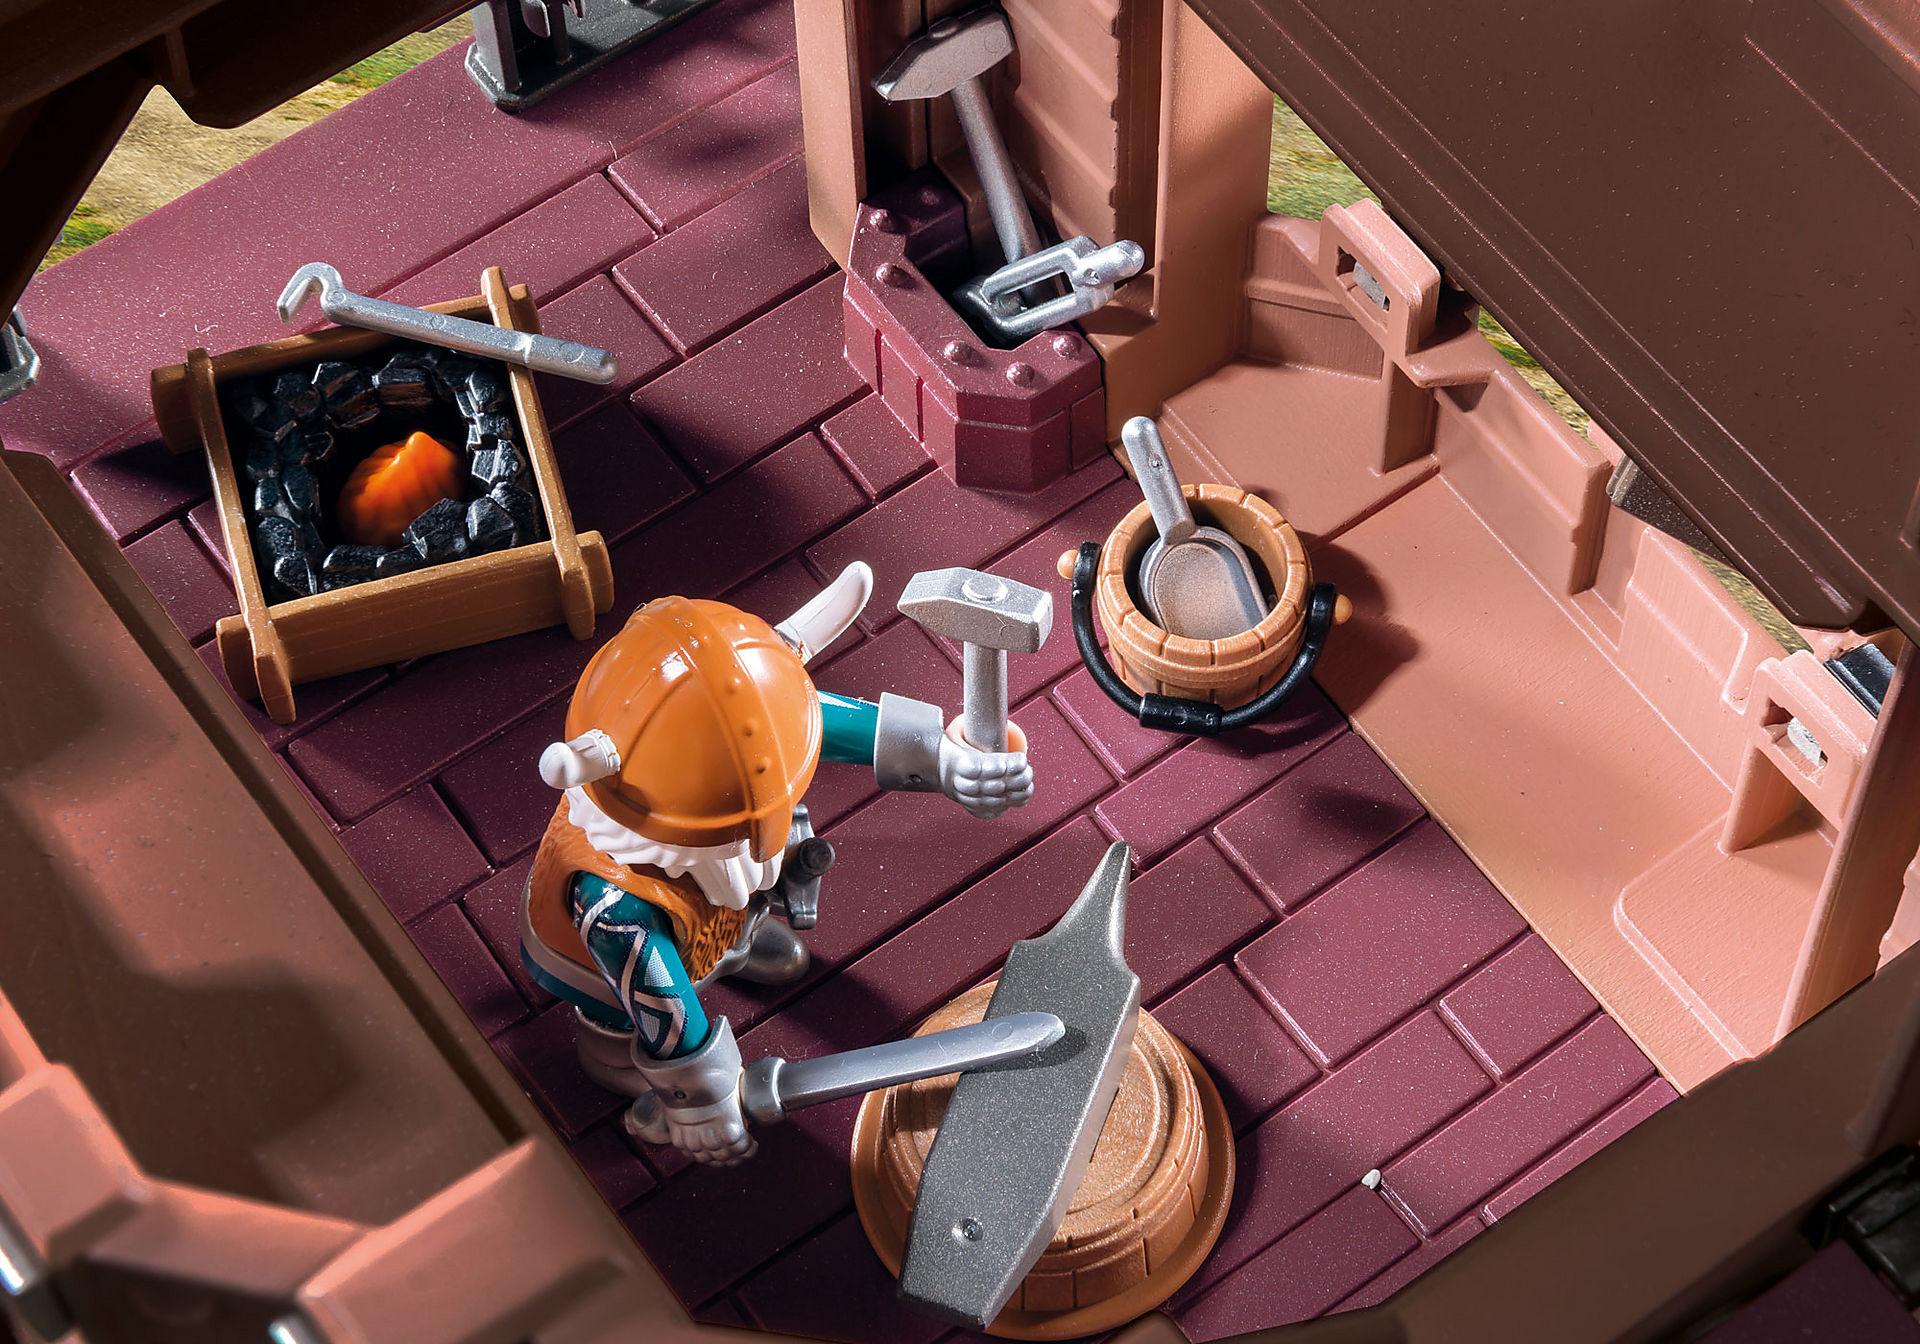 http://media.playmobil.com/i/playmobil/9340_product_extra4/Dvärgfästning på hjul